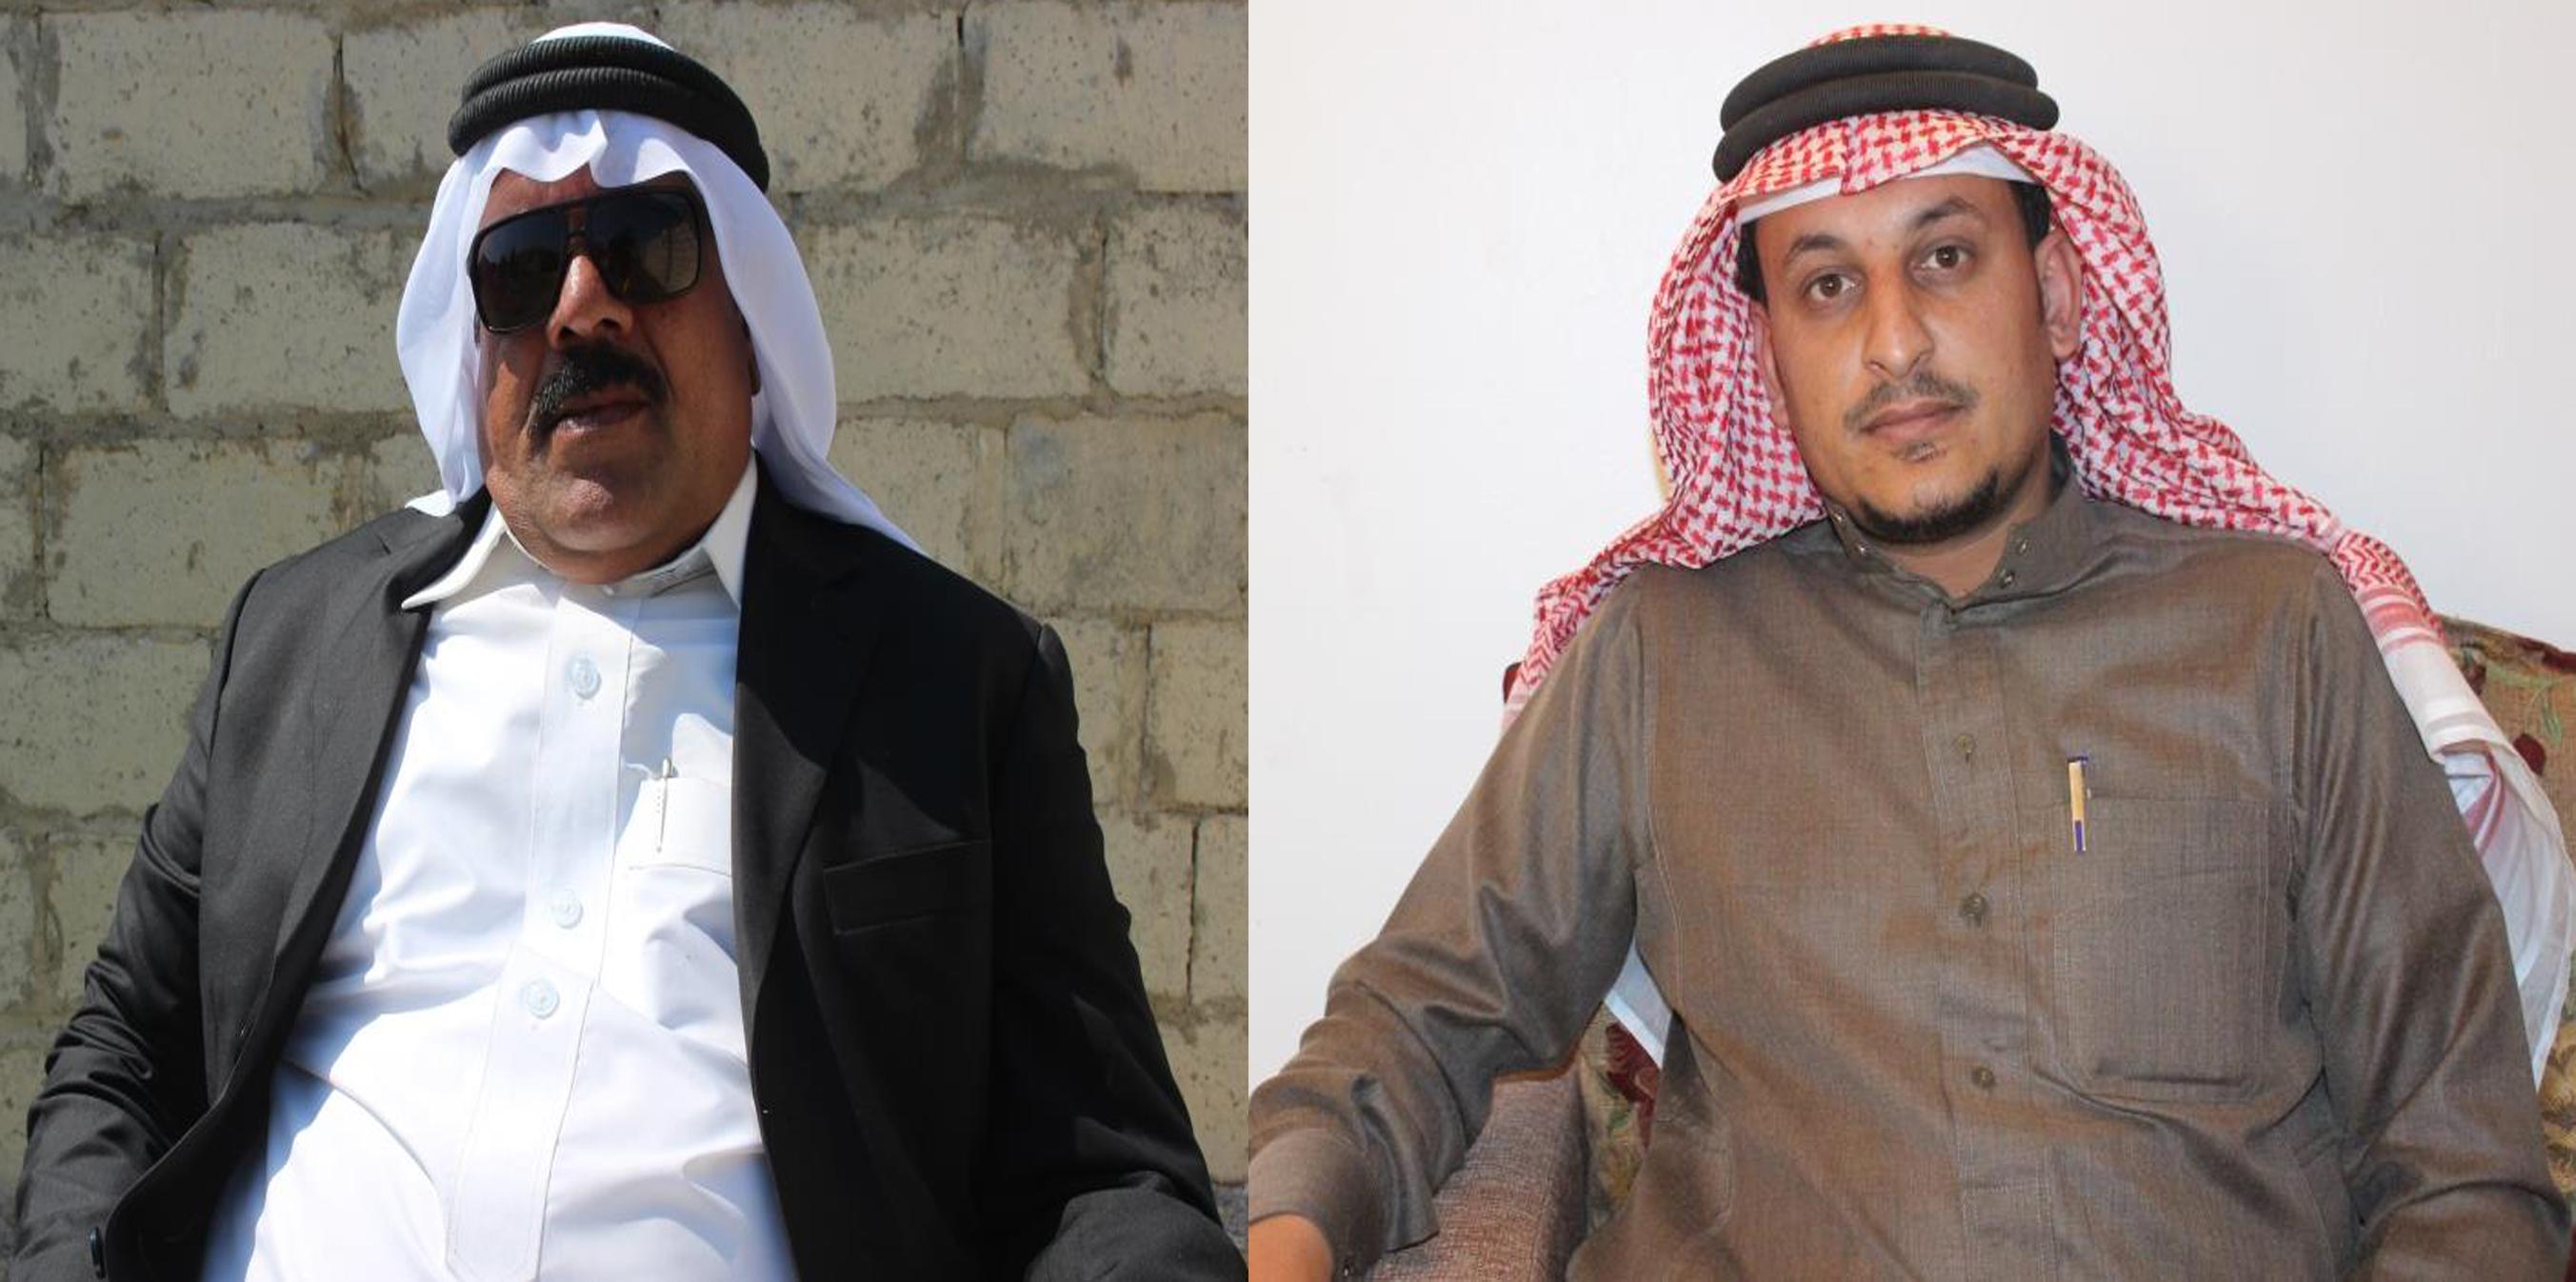 وجهاء شمر لوجهاء العشائر العربية: علينا الحفاظ على المكتسبات التي حققتها ق س د